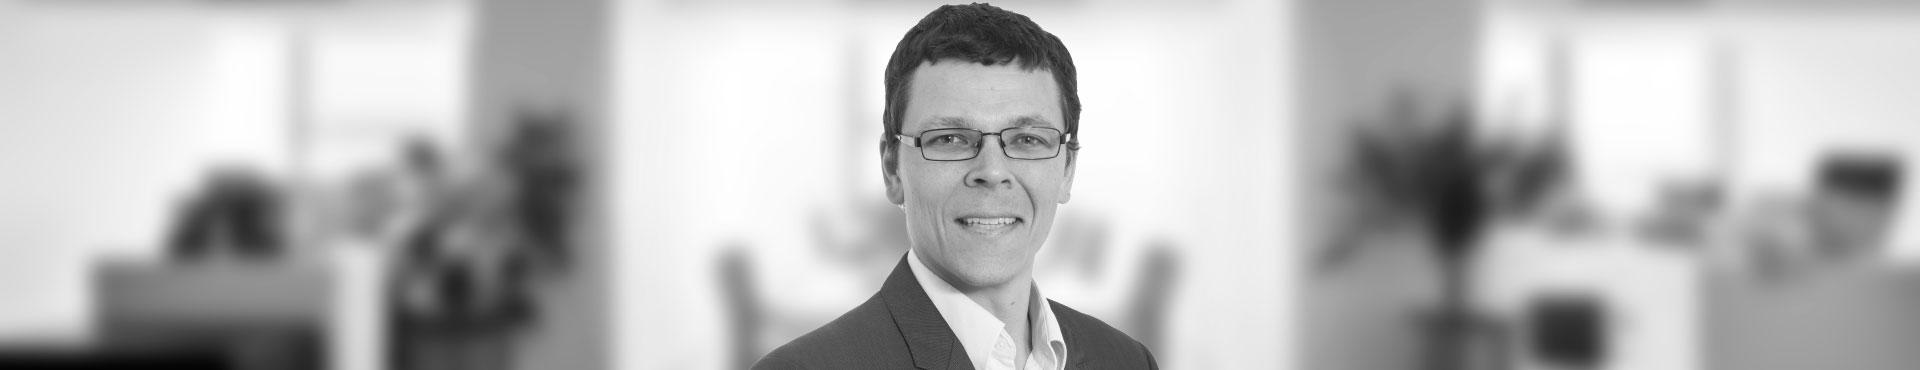 Glen Northway | Shine Lawyers